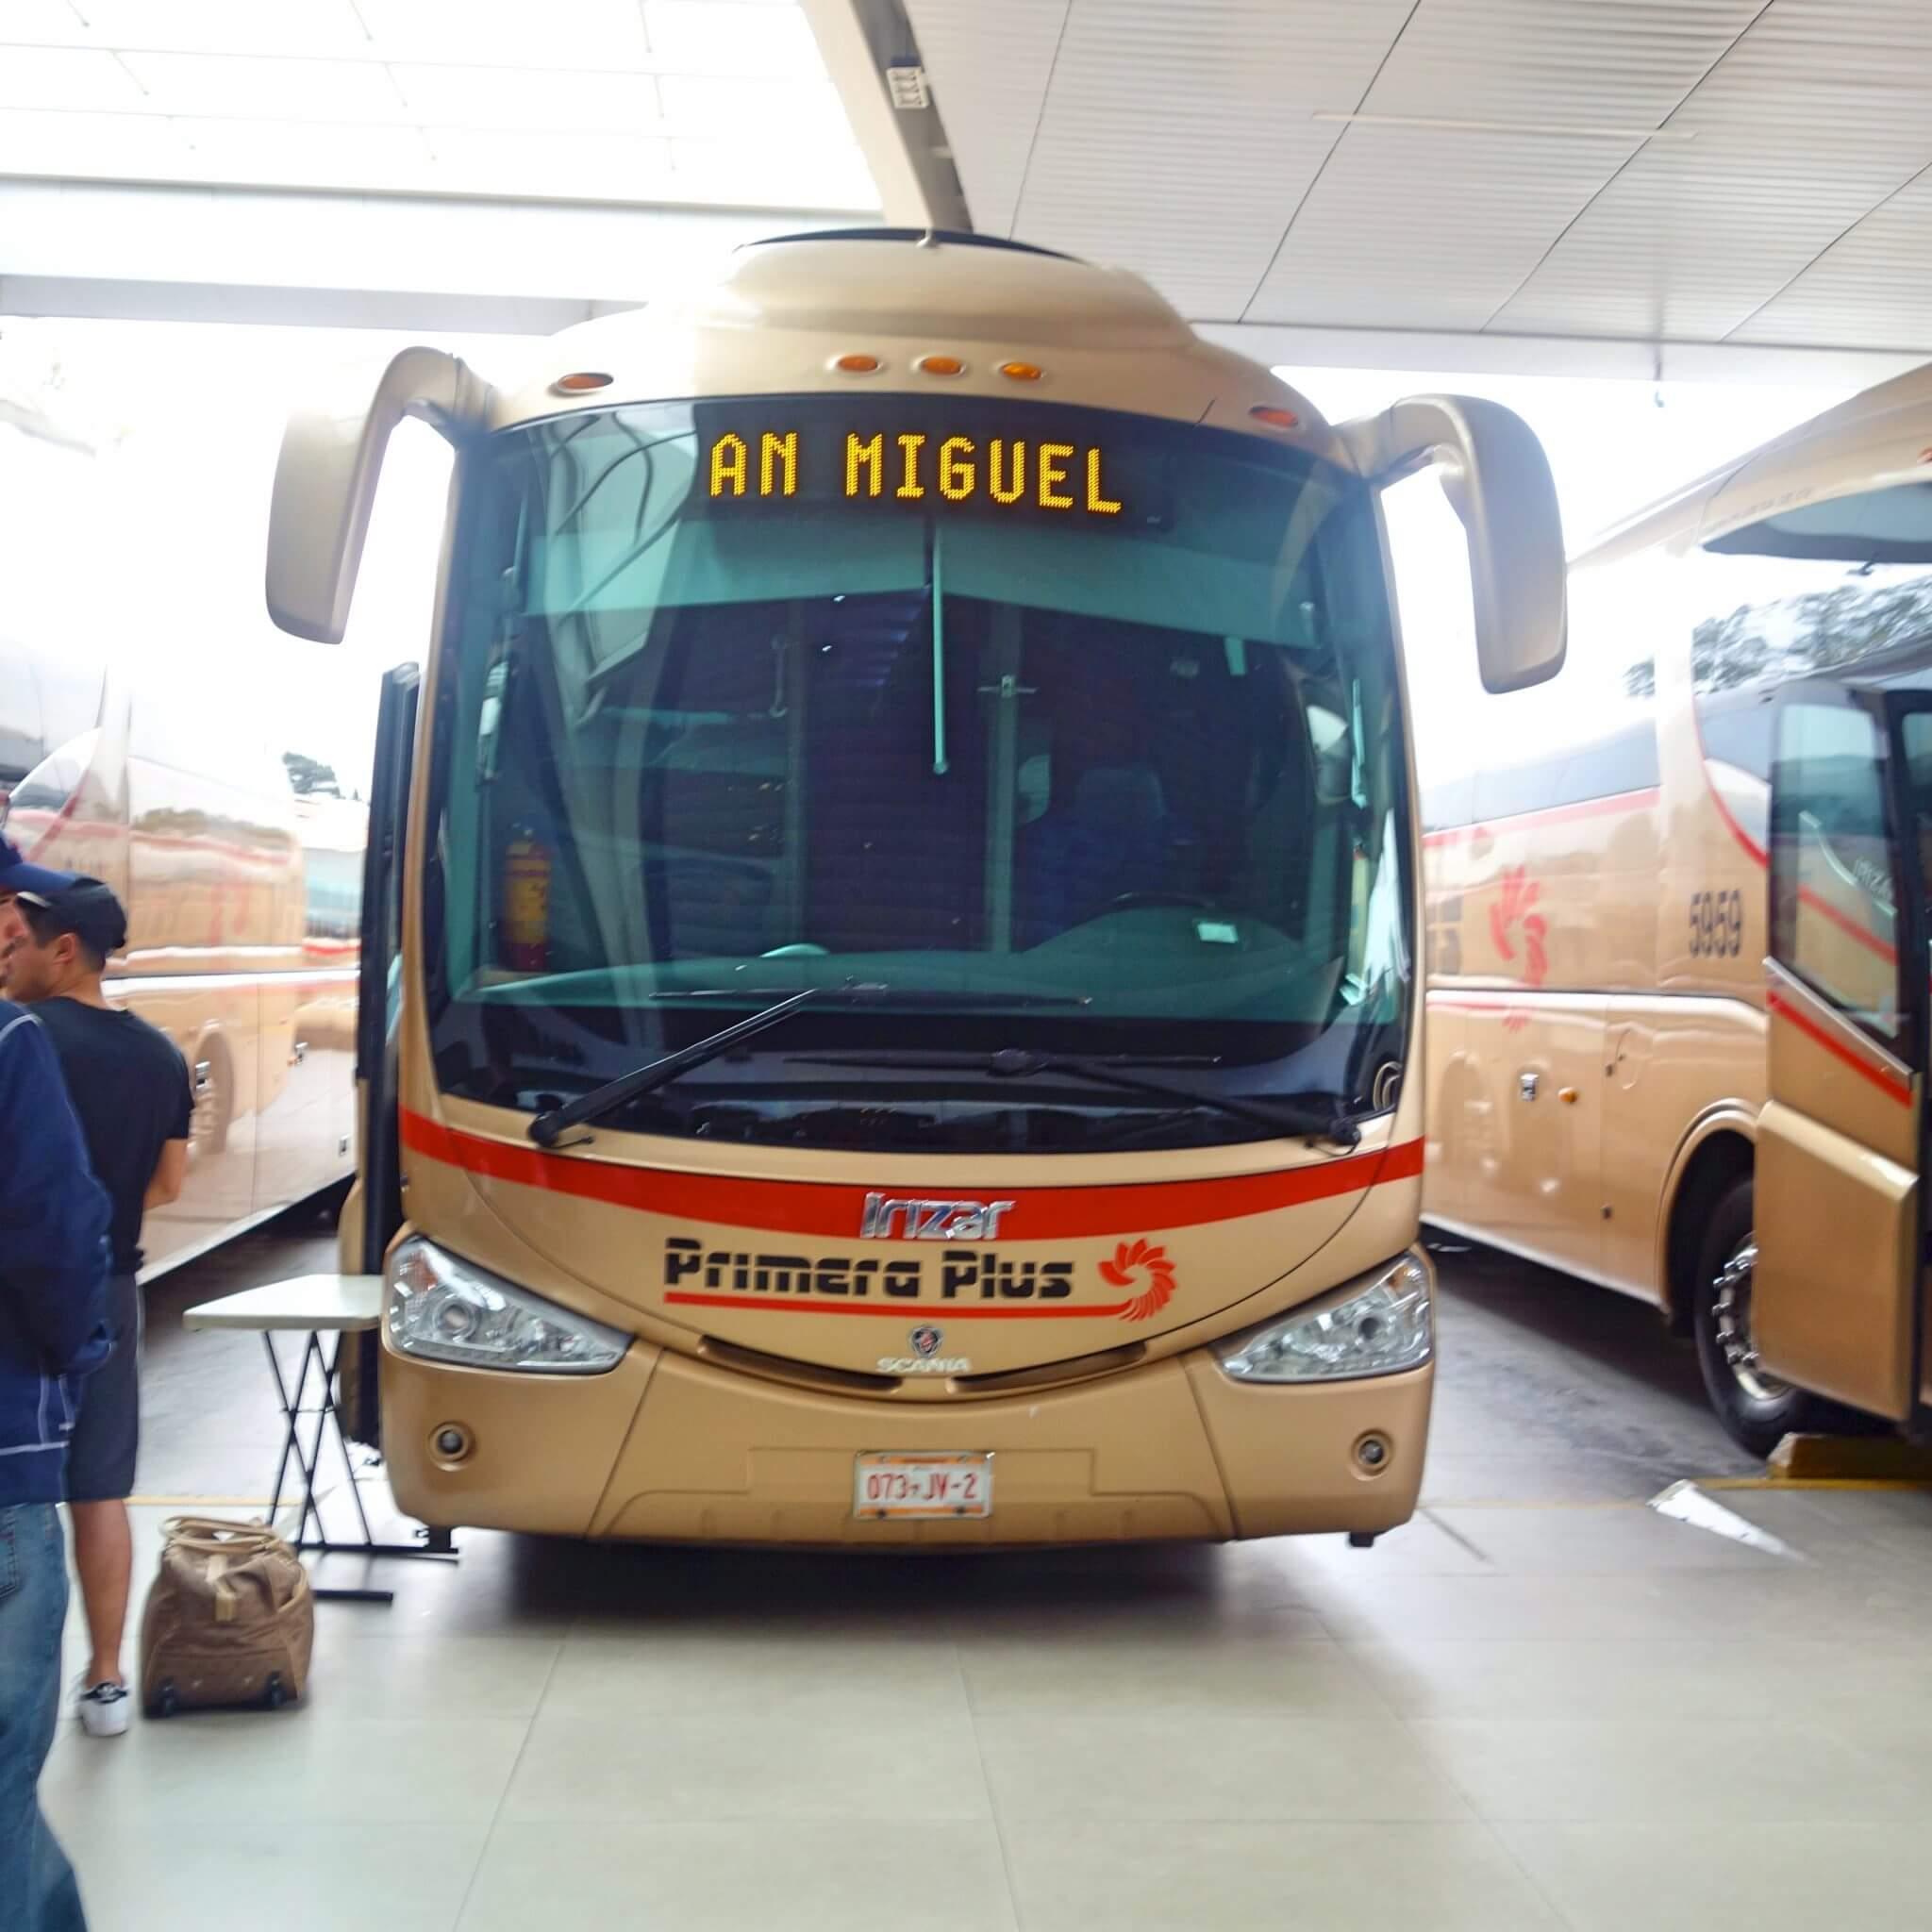 グアダラハラの街中→中央バスターミナル→グアナファトへの移動まとめ